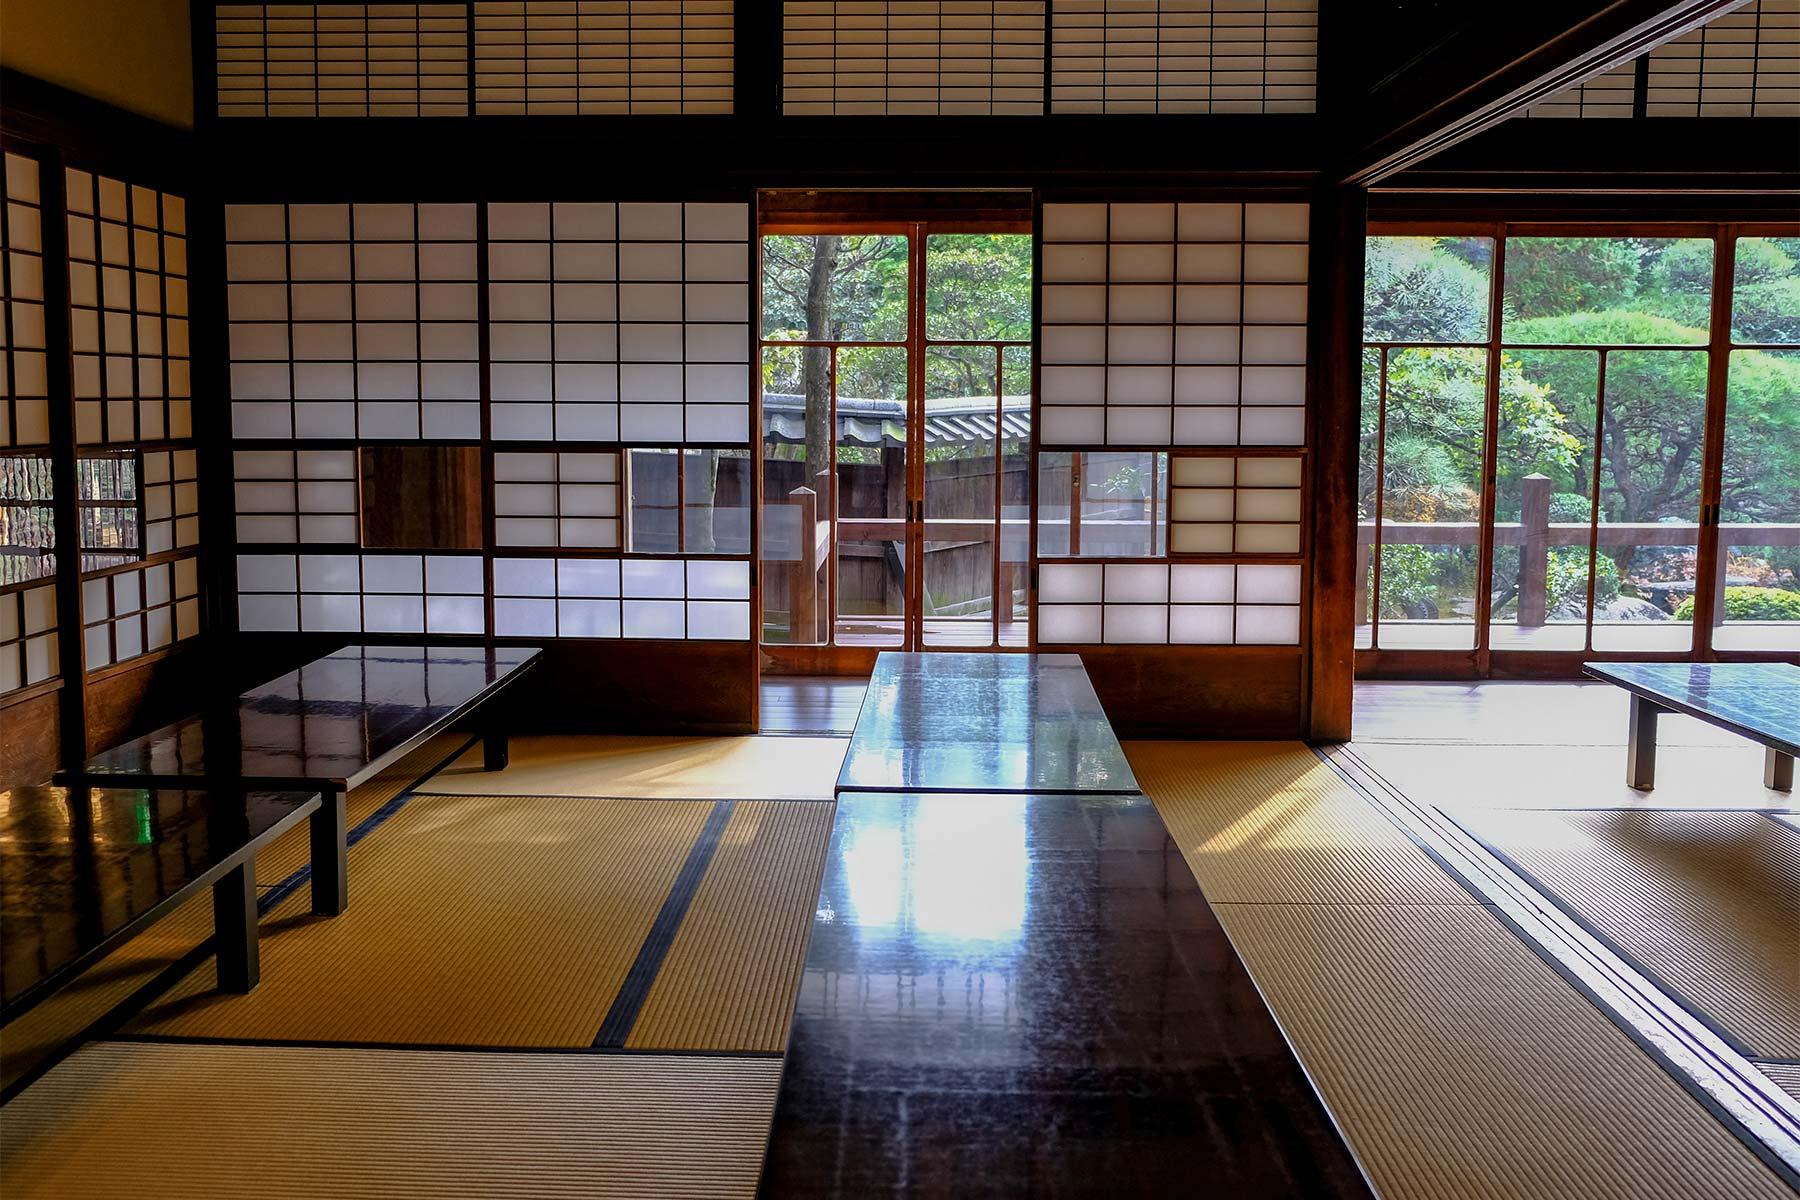 Wohnzimmer mit niedrigen Tischen, Tatami Böden und Blick in den Garten